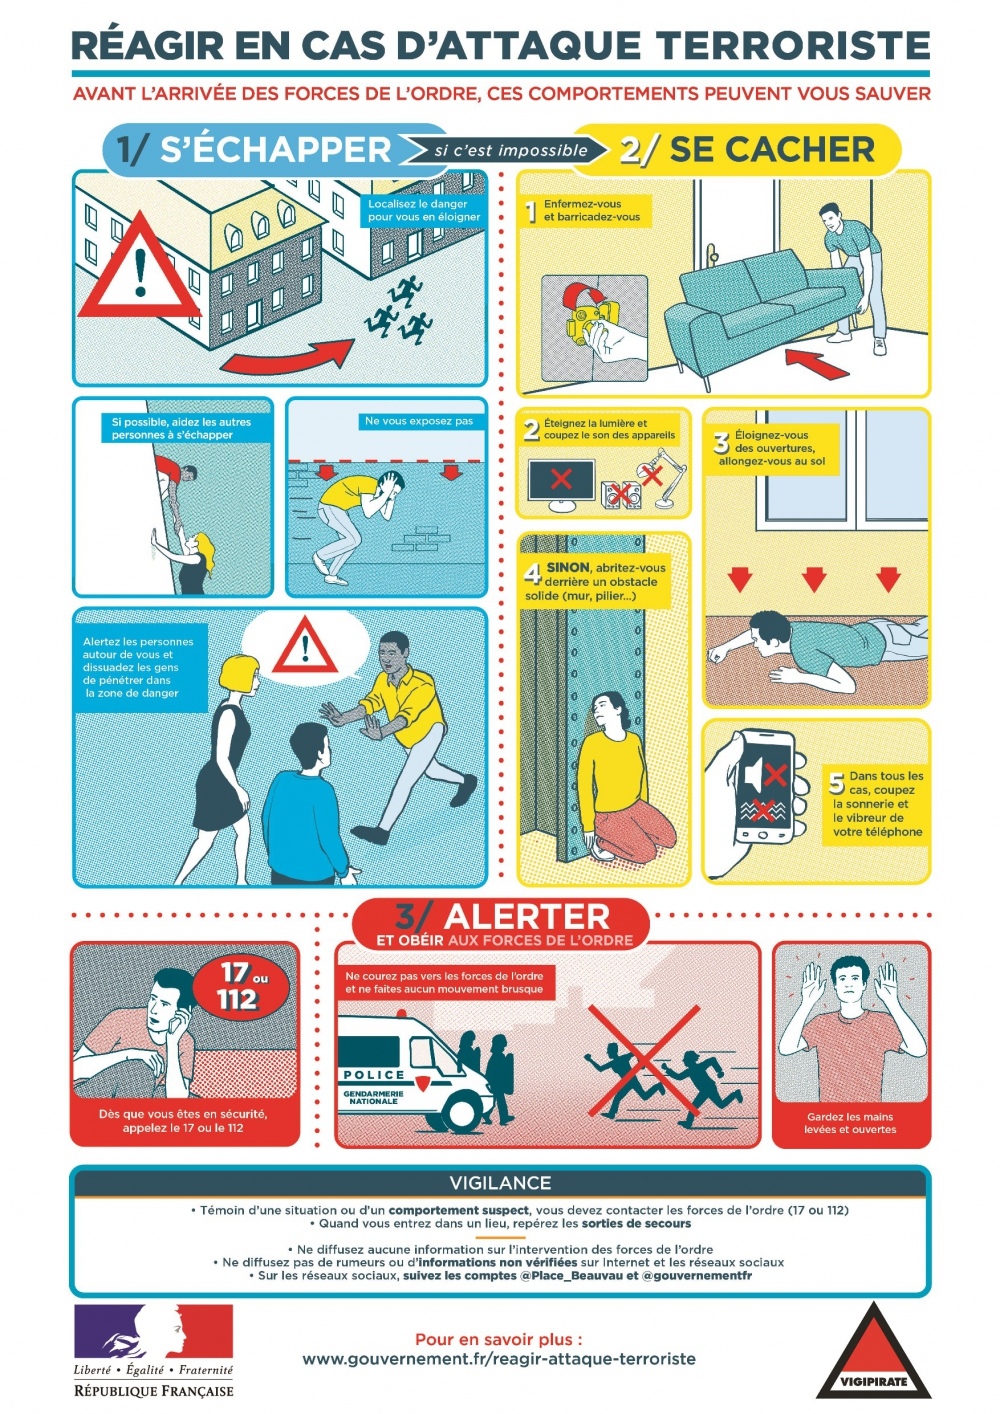 consignes_securite_attentats_ok_jaune_bleu_rouge_02-12-15_cmjn_-_copie